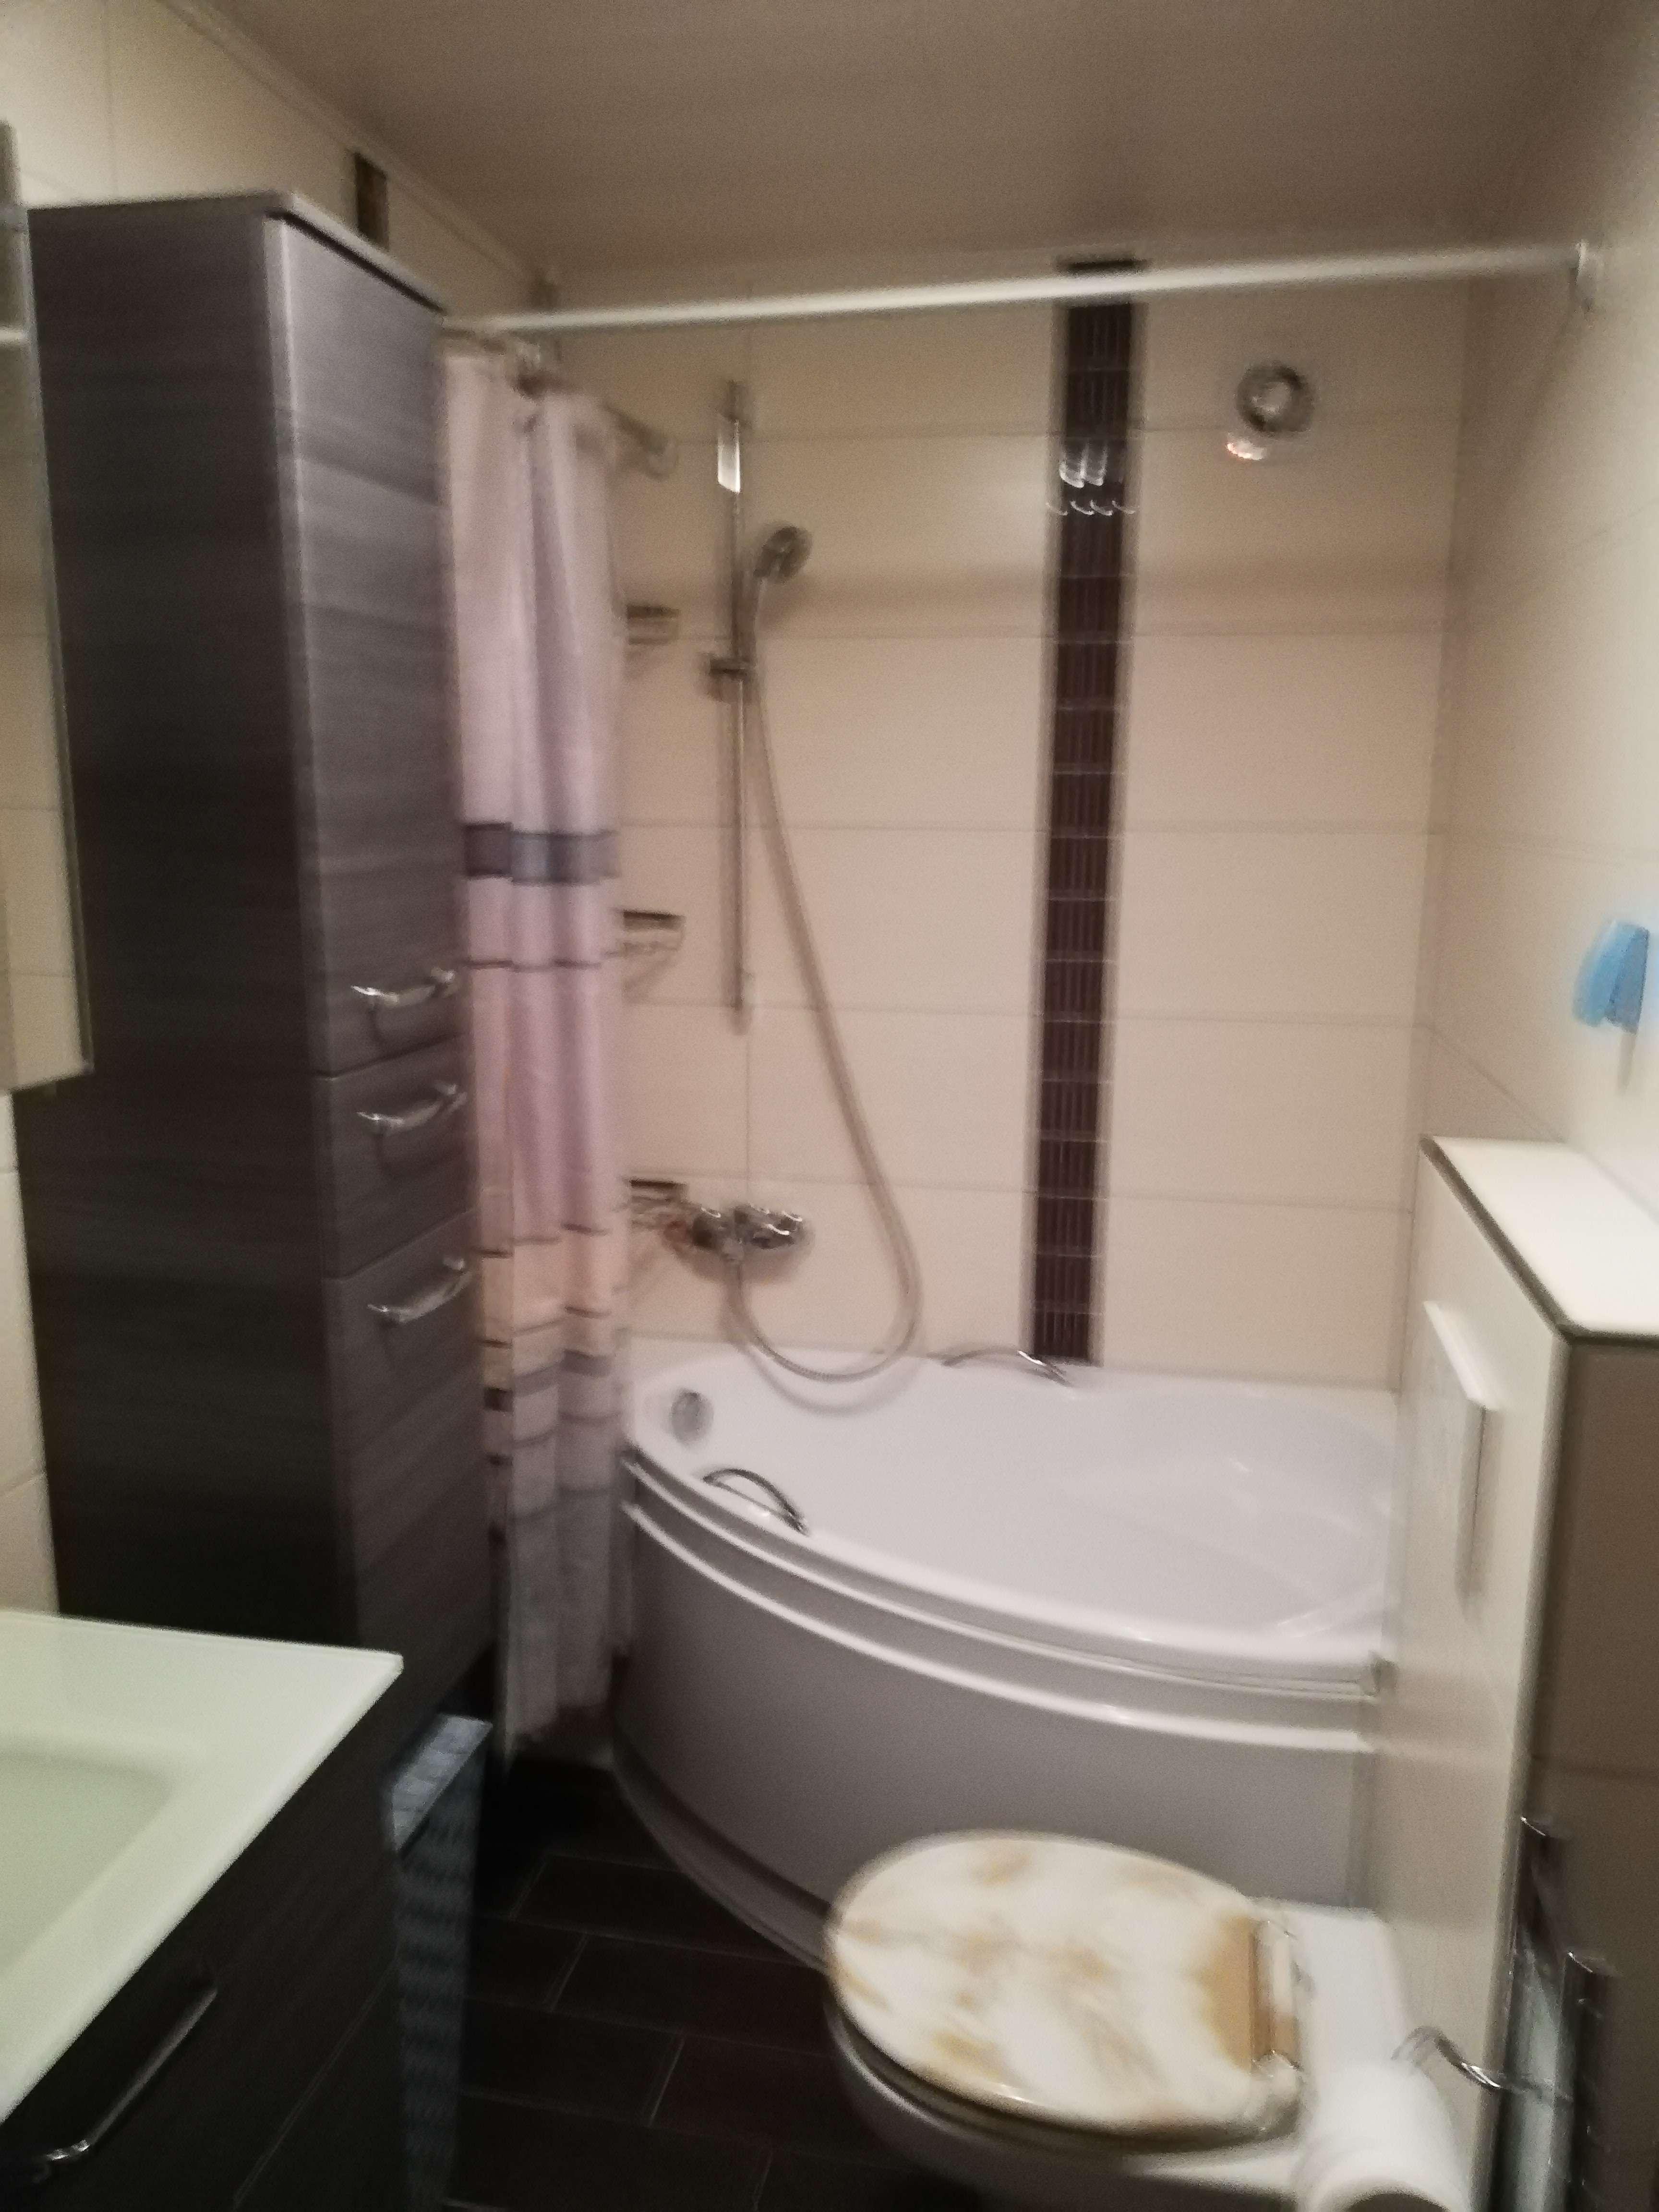 Vollständig renovierte 2-Zimmer-Wohnung mit Balkon und Einbauküche in Neuburg